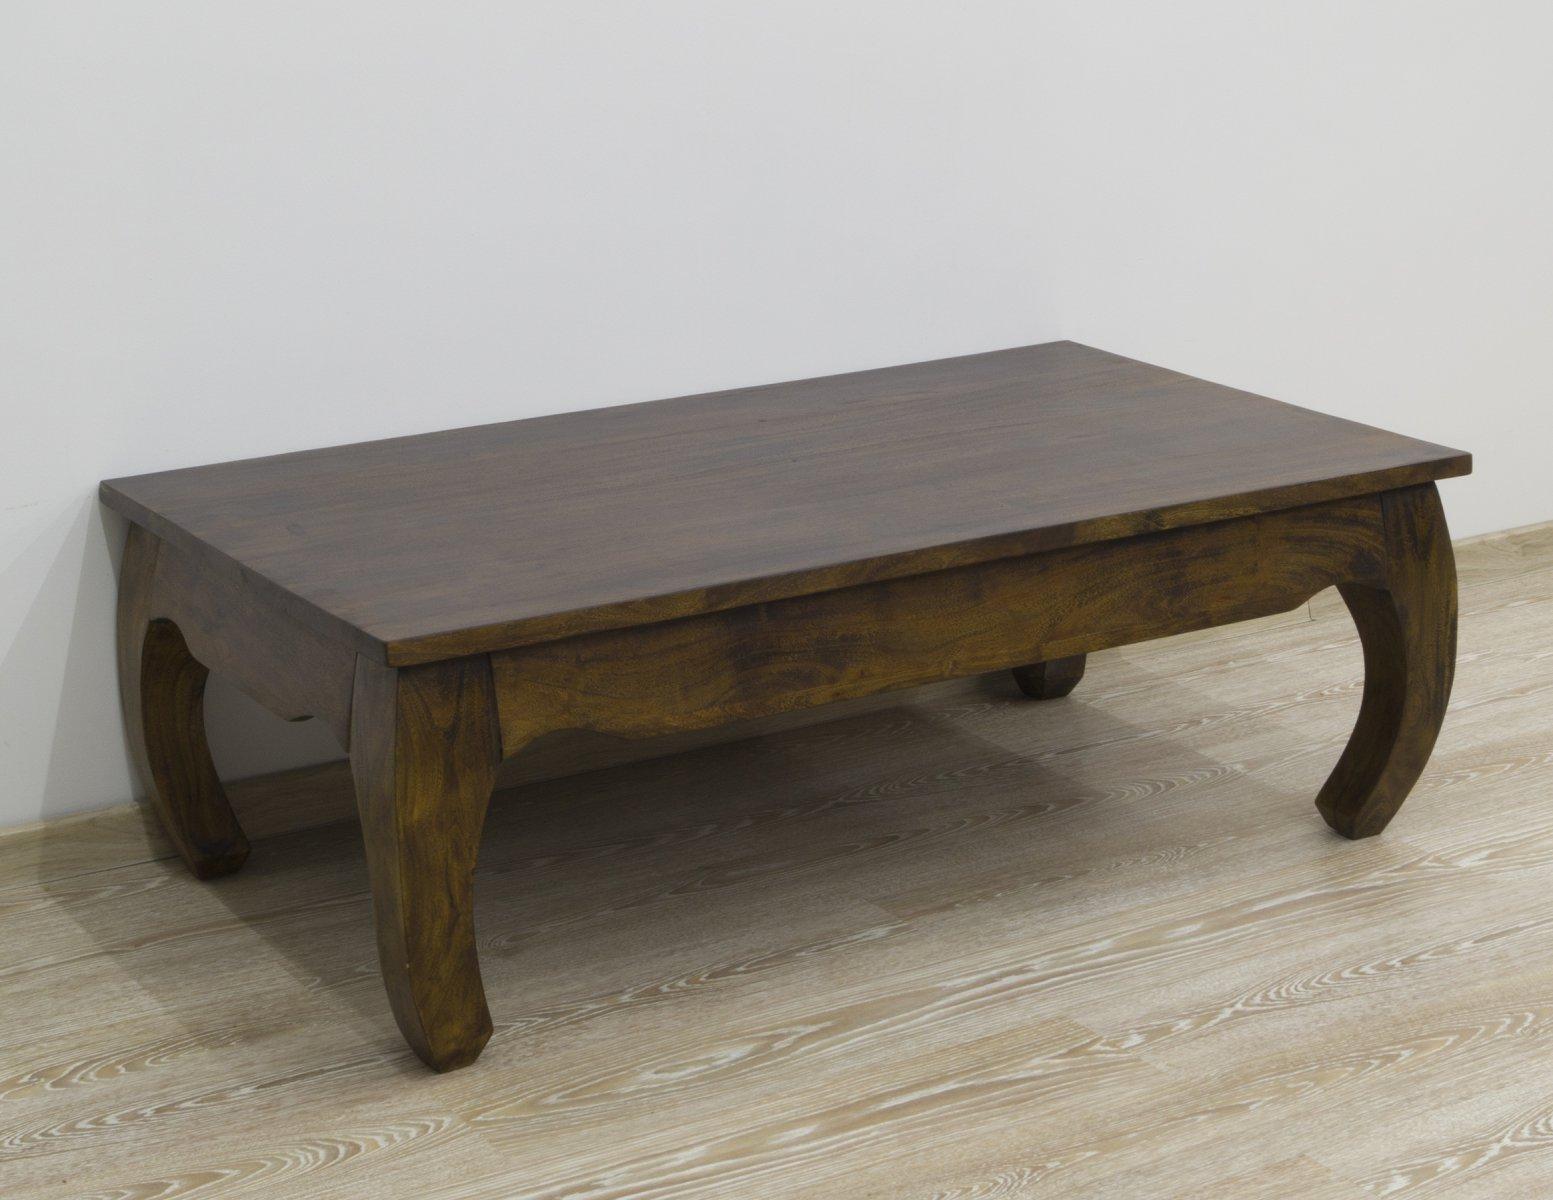 Ława kolonialna stolik kawowy lite drewno akacja indyjska nogi w stylu opium